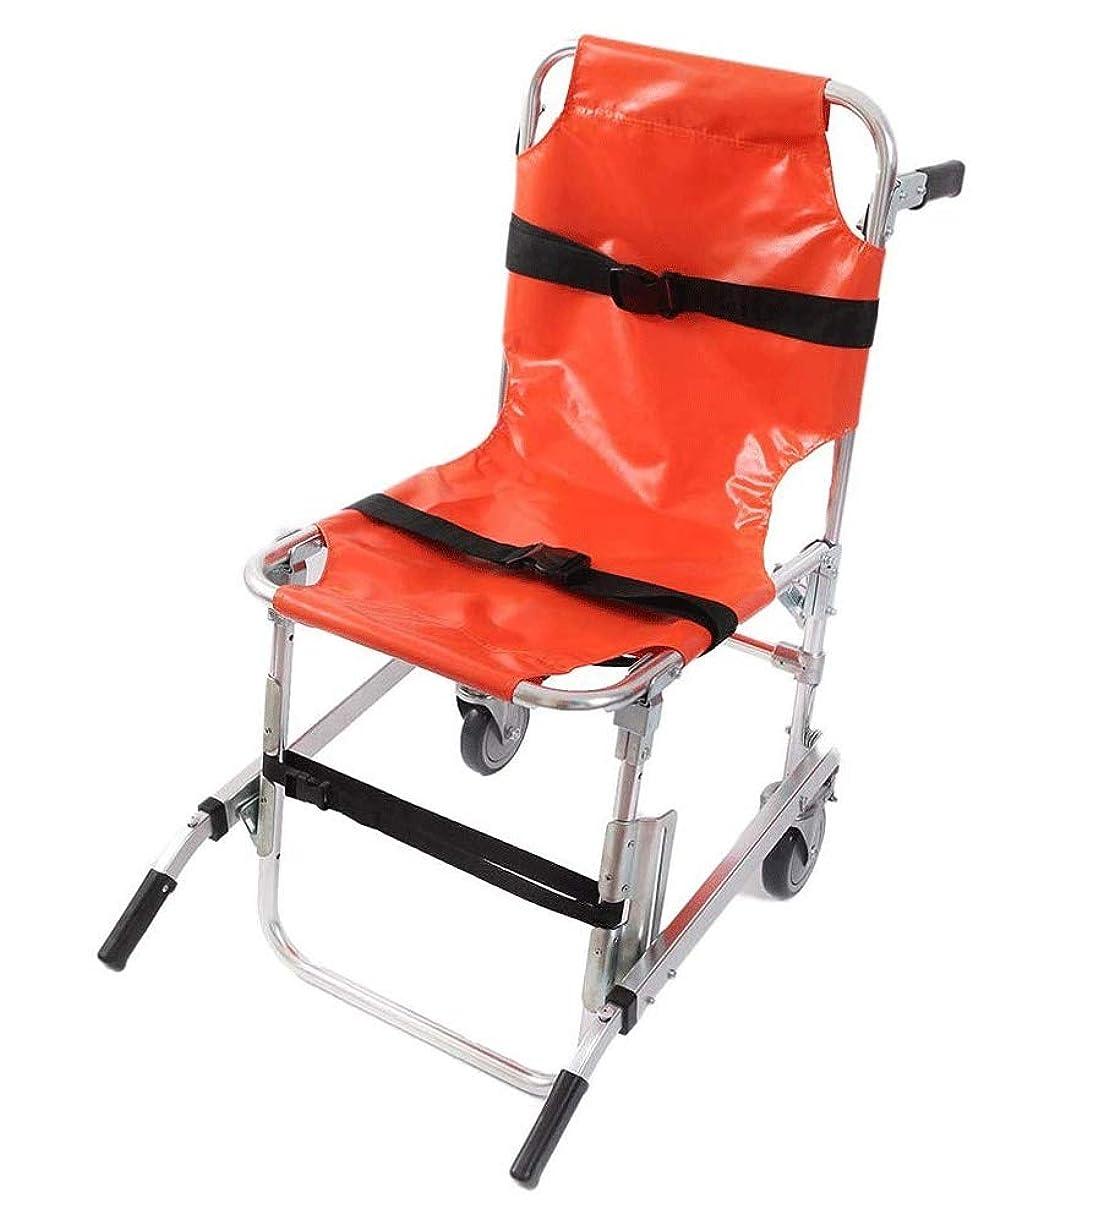 牛肉労働者主張する患者拘束ストラップ付き車いすアルミ製軽量ホイール2折りたたみ医療交通椅子、350ポンドの容量をクライミングEMS階段椅子、階段